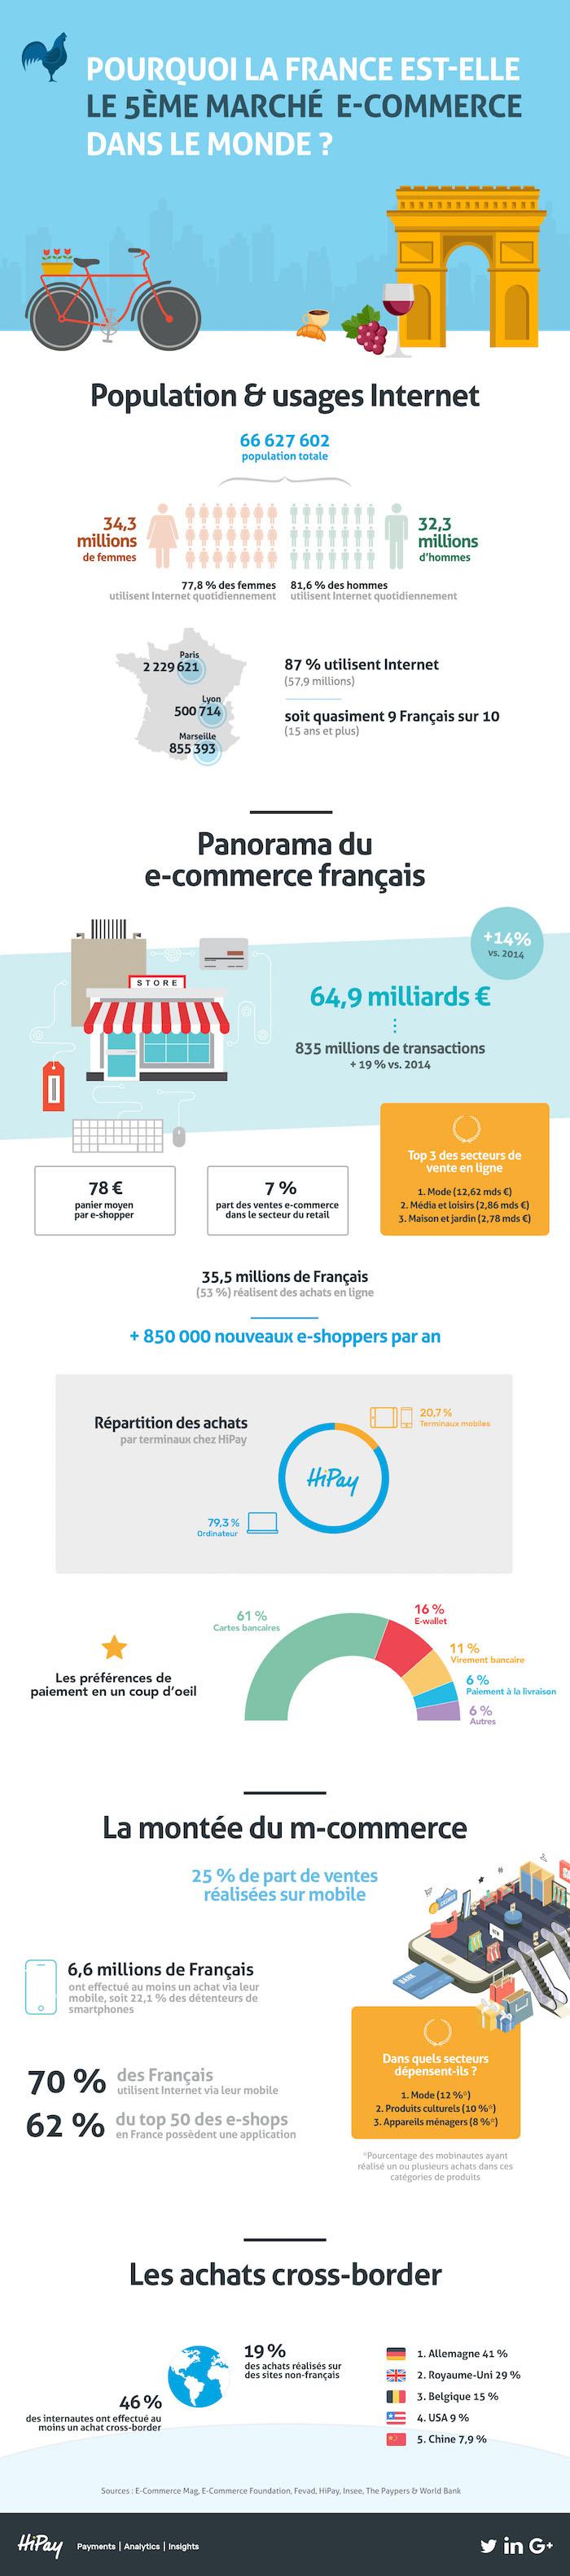 infographie-e-commerce-fr